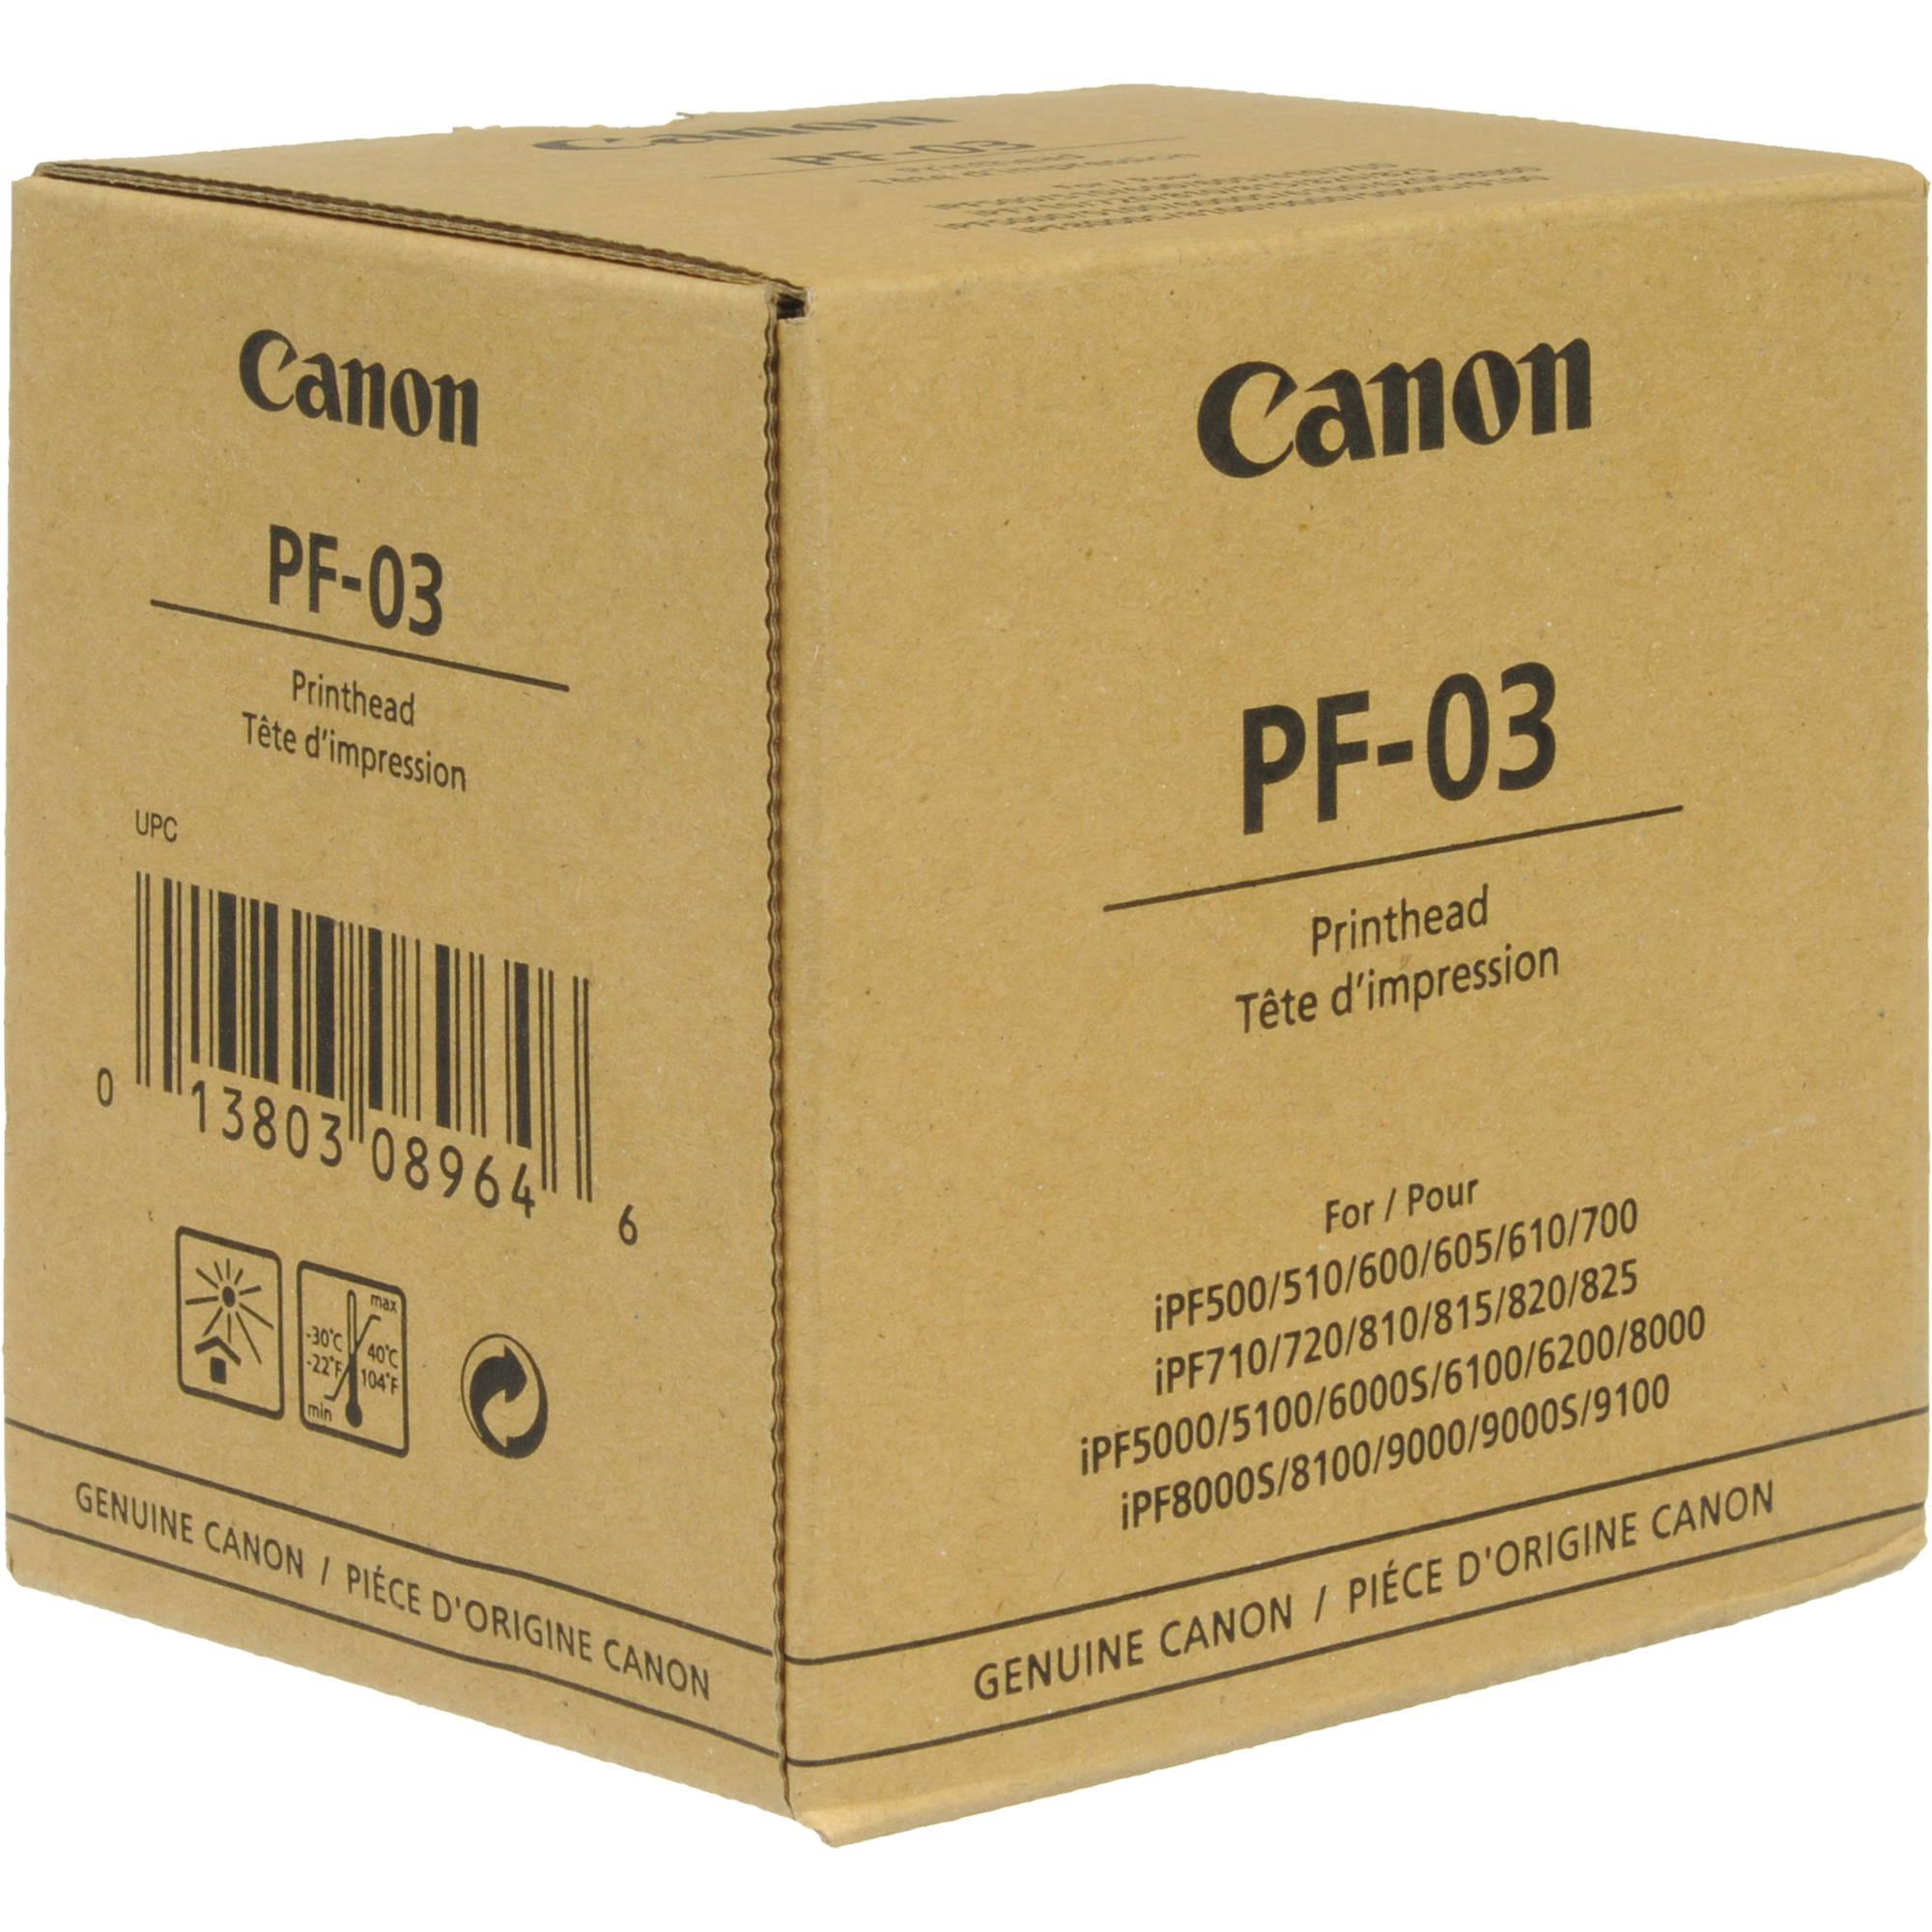 Canon Print Head Pf-03